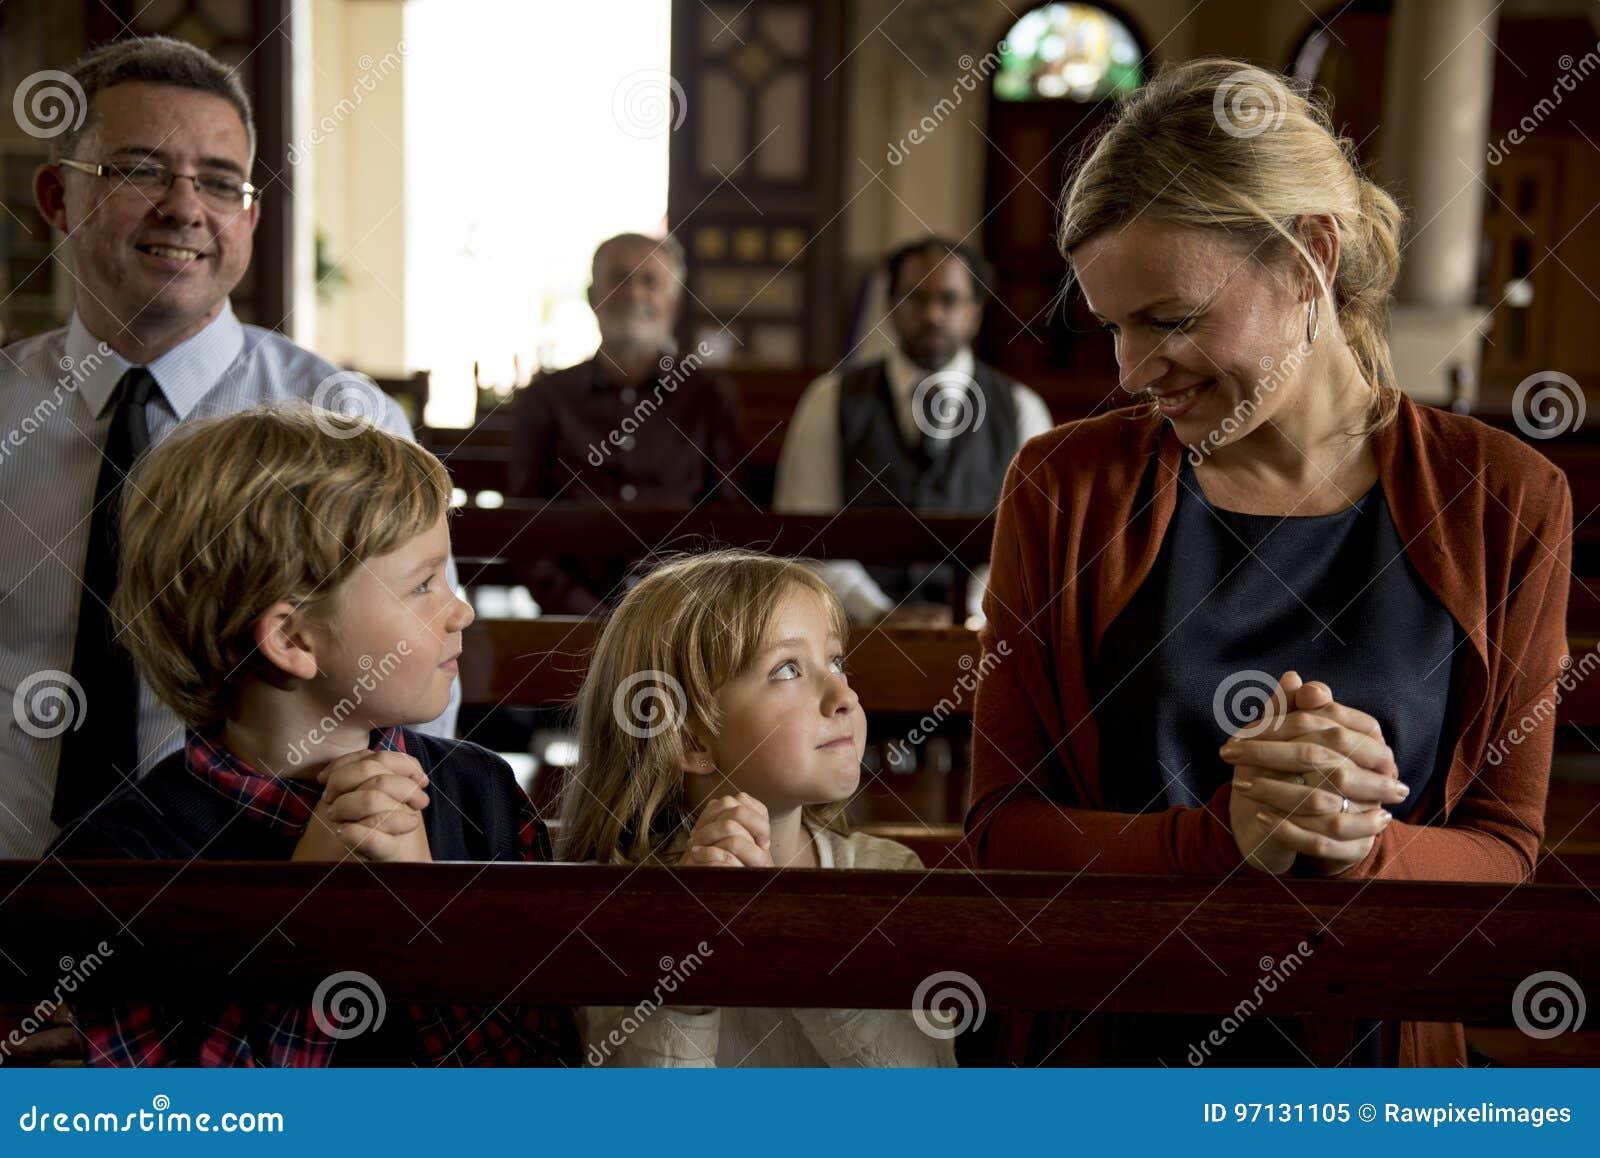 Les personnes d église croient la foi religieuse